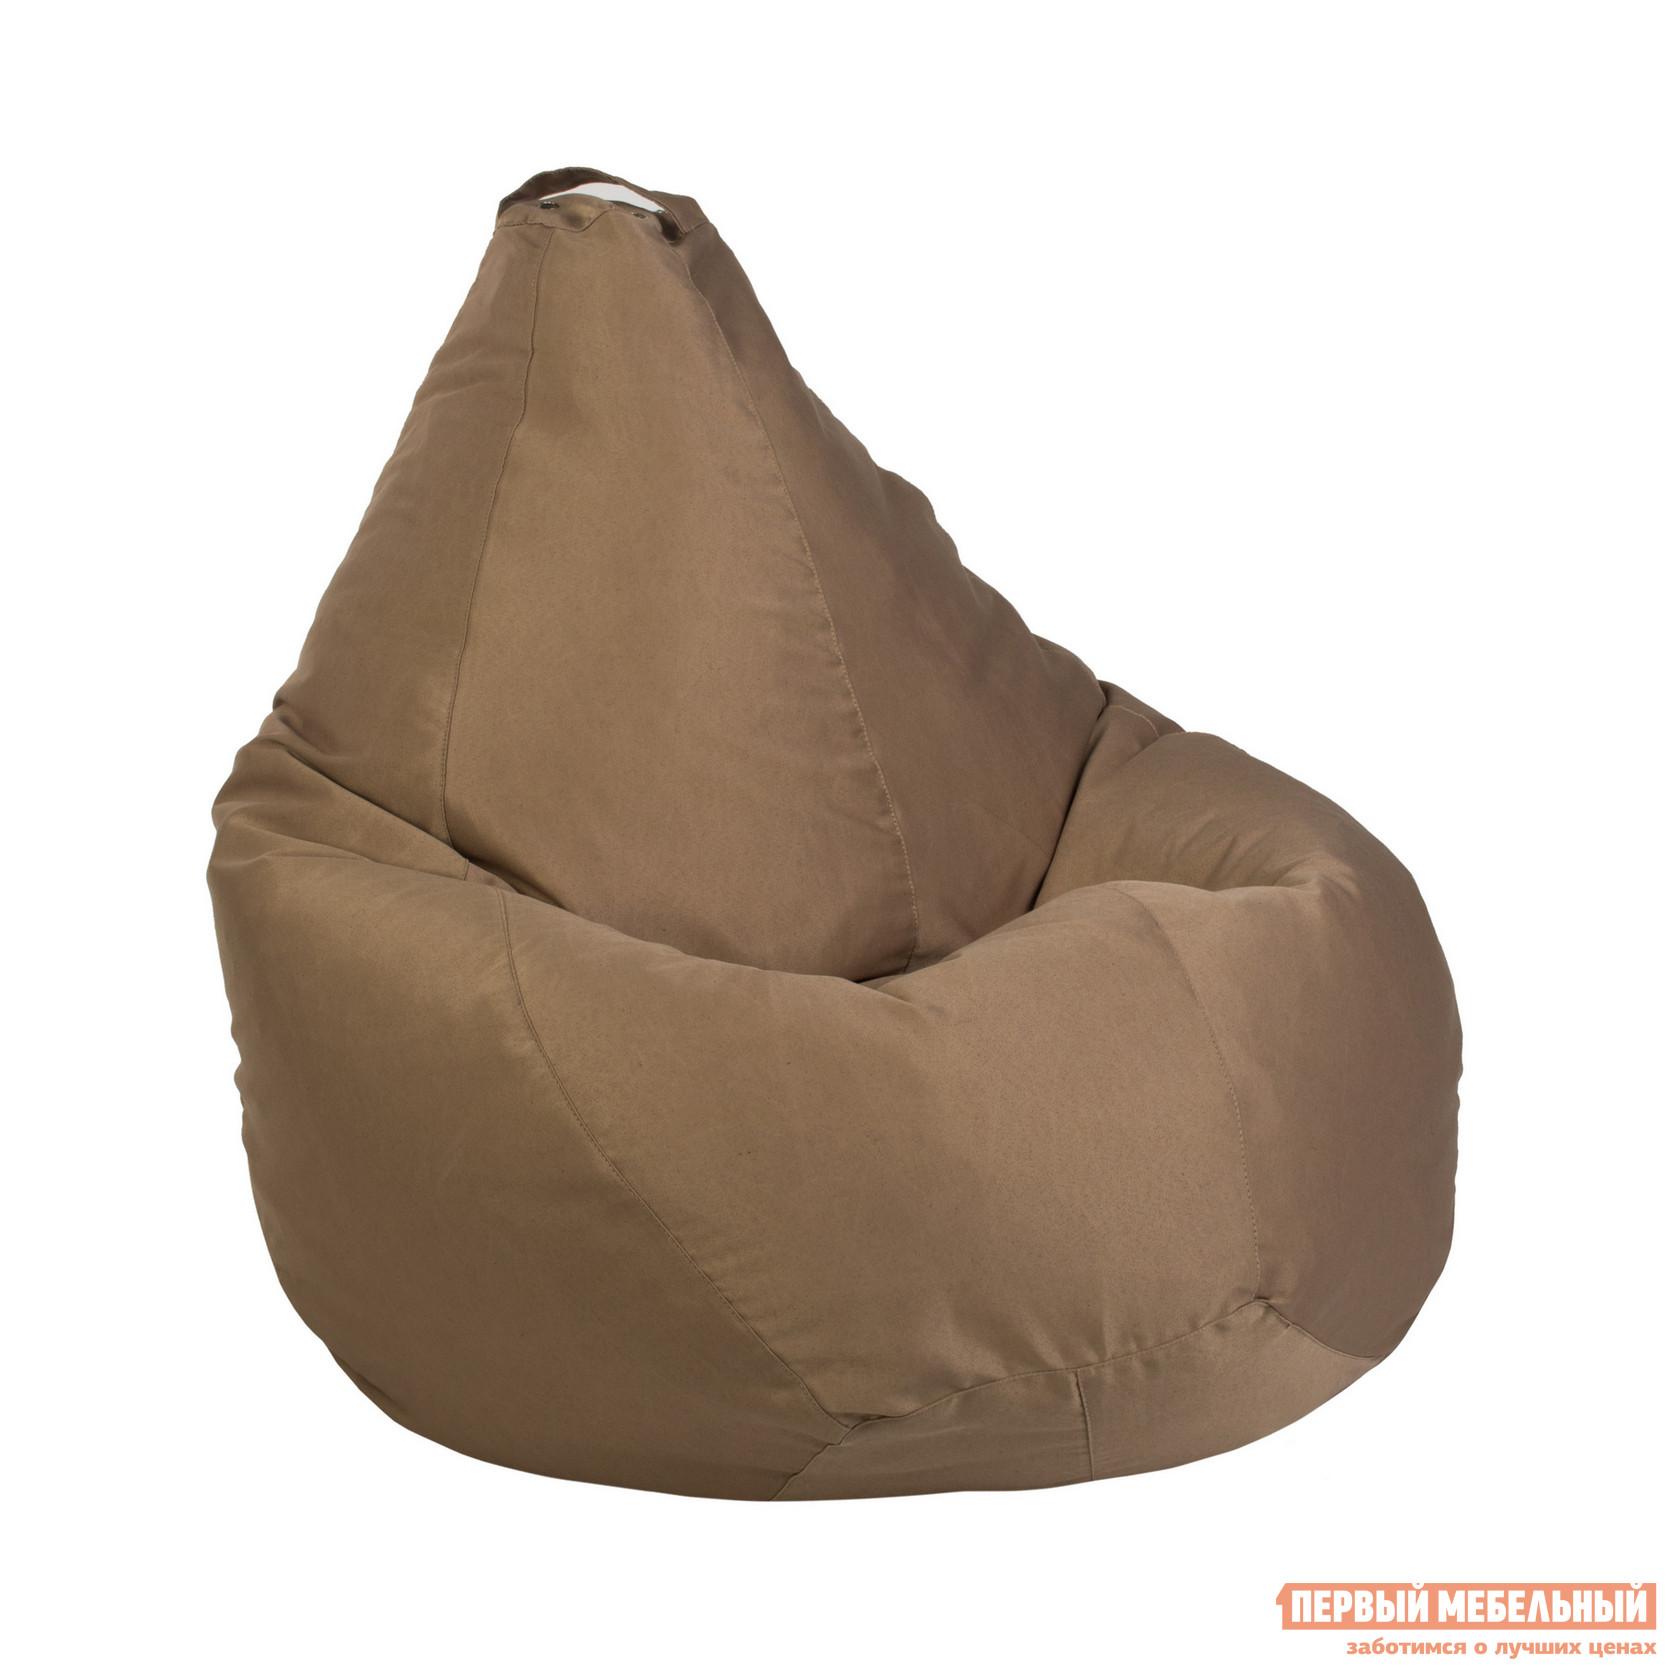 Кресло-мешок DreamBag Кресло Мешок Фьюжн 2XL кресло мешок dreambag фитнес